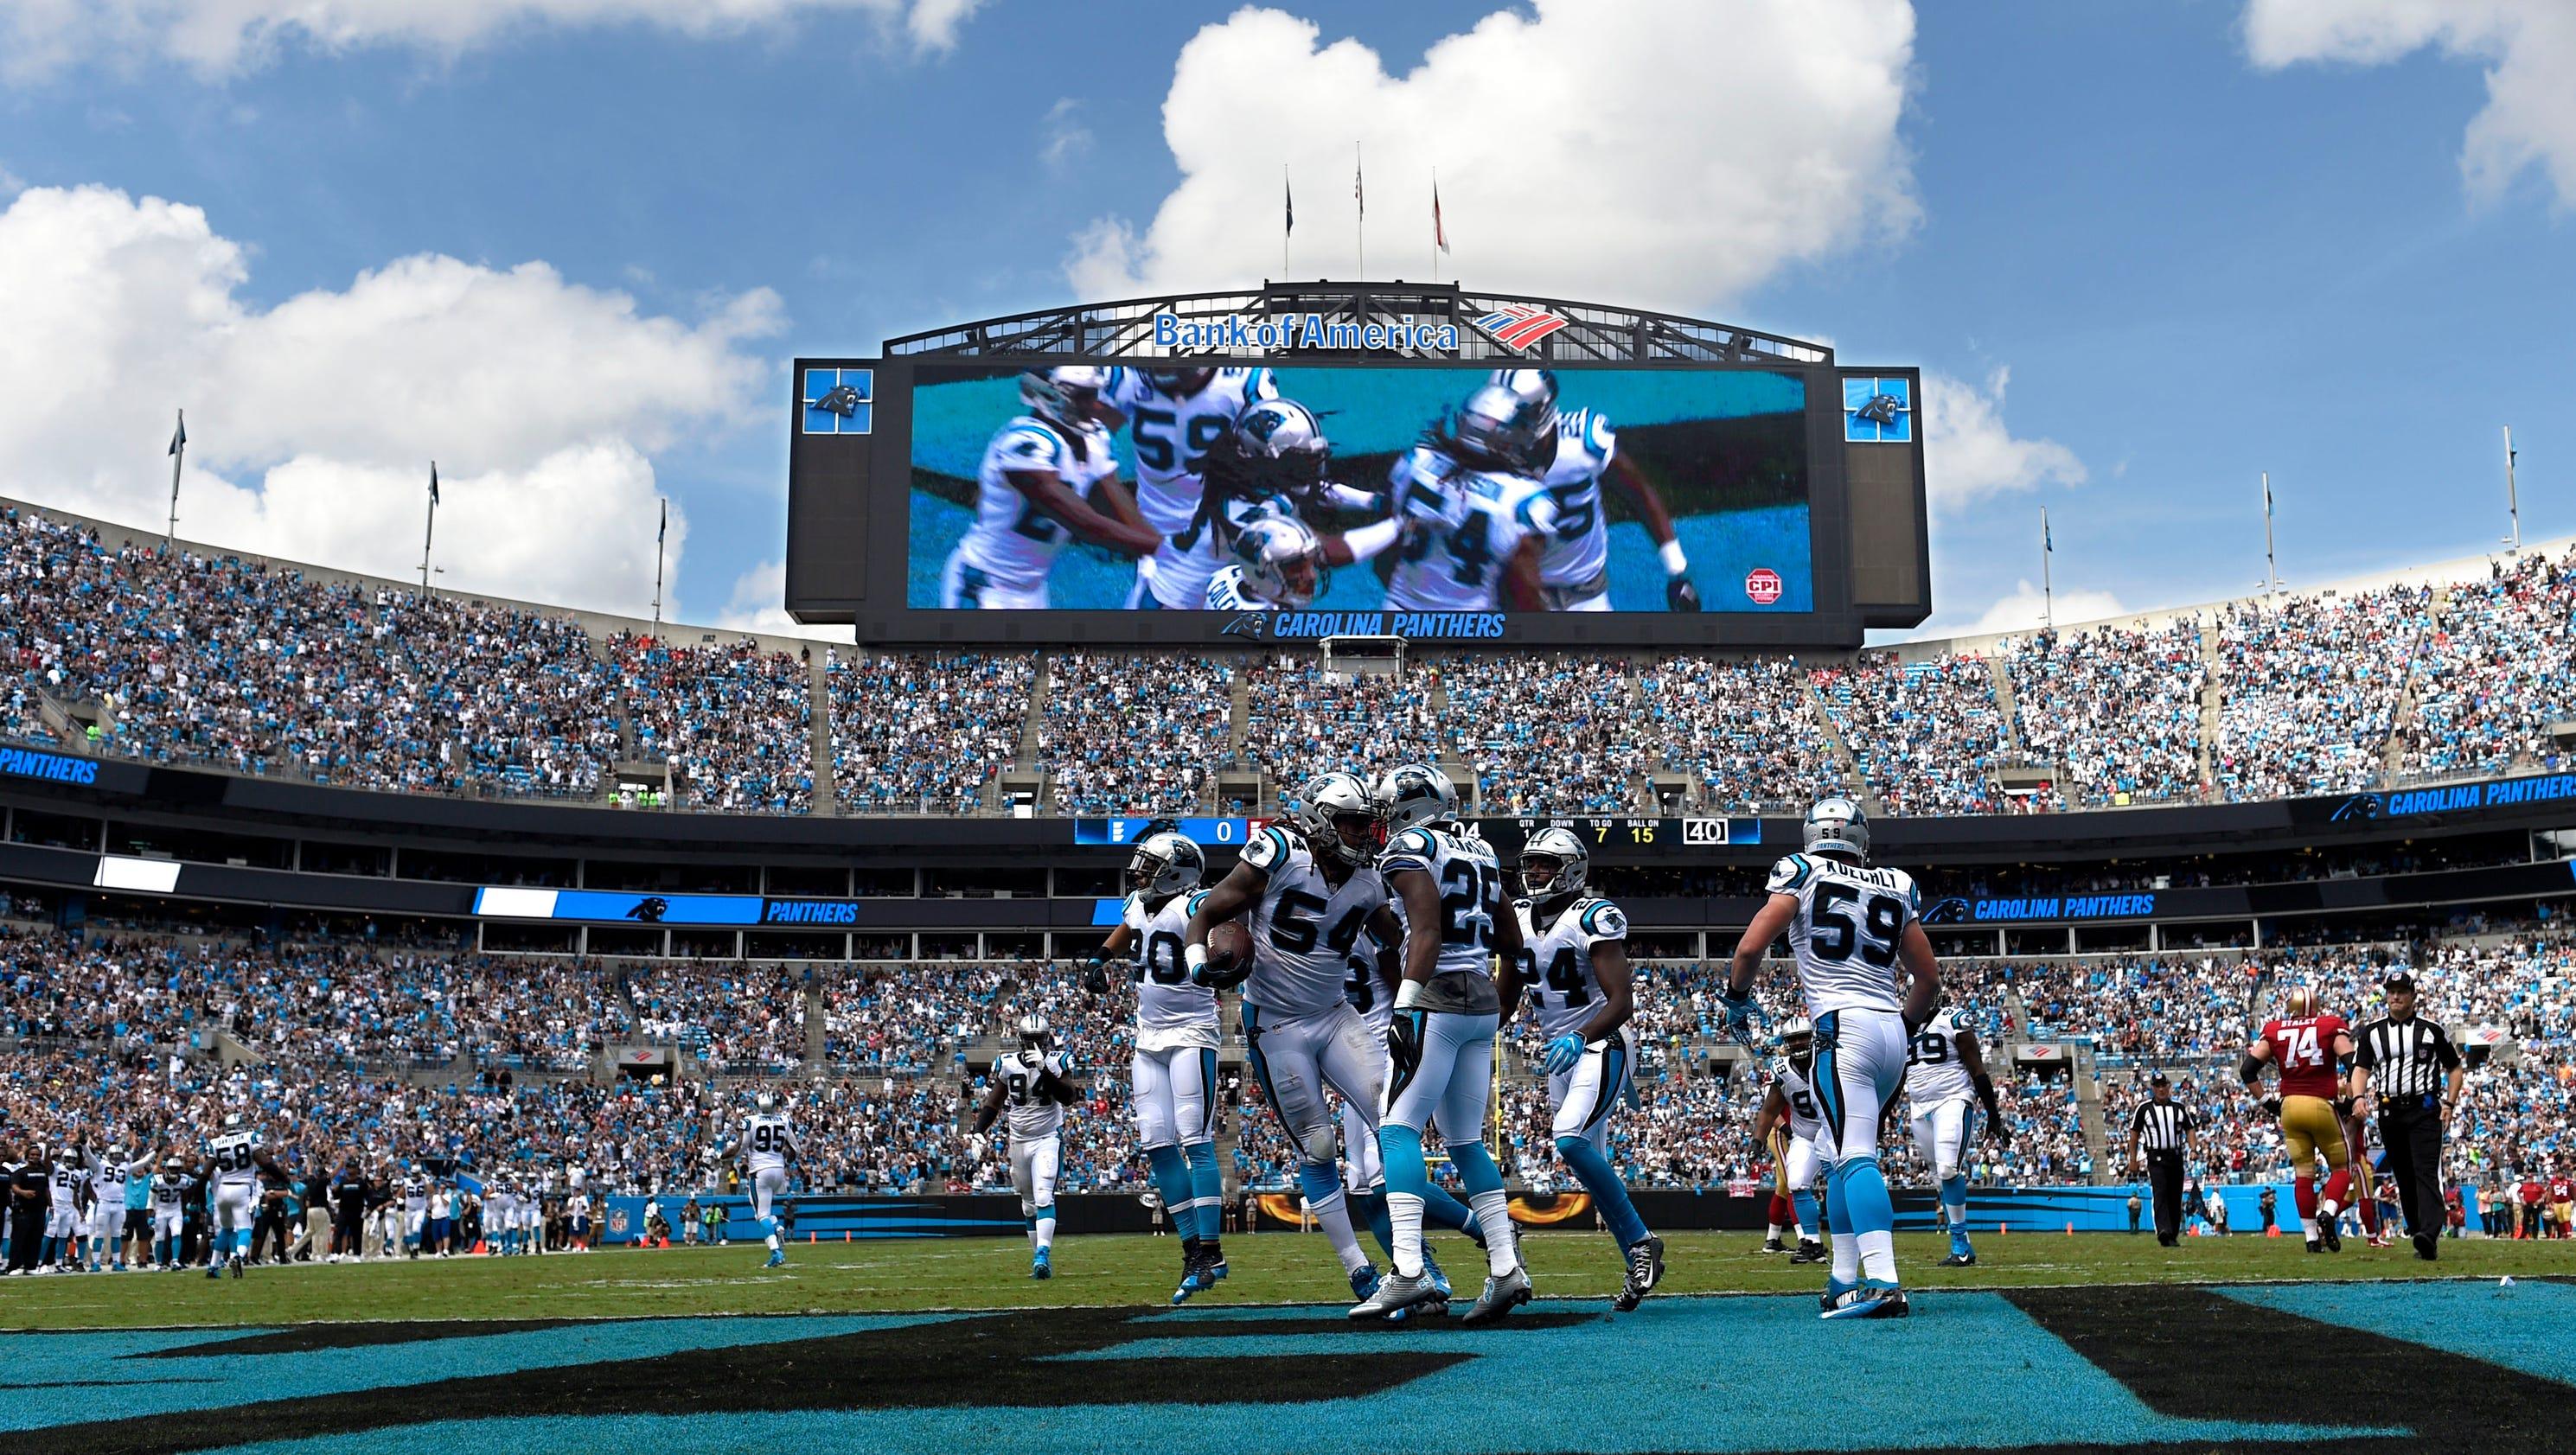 Carolina Panthers Home